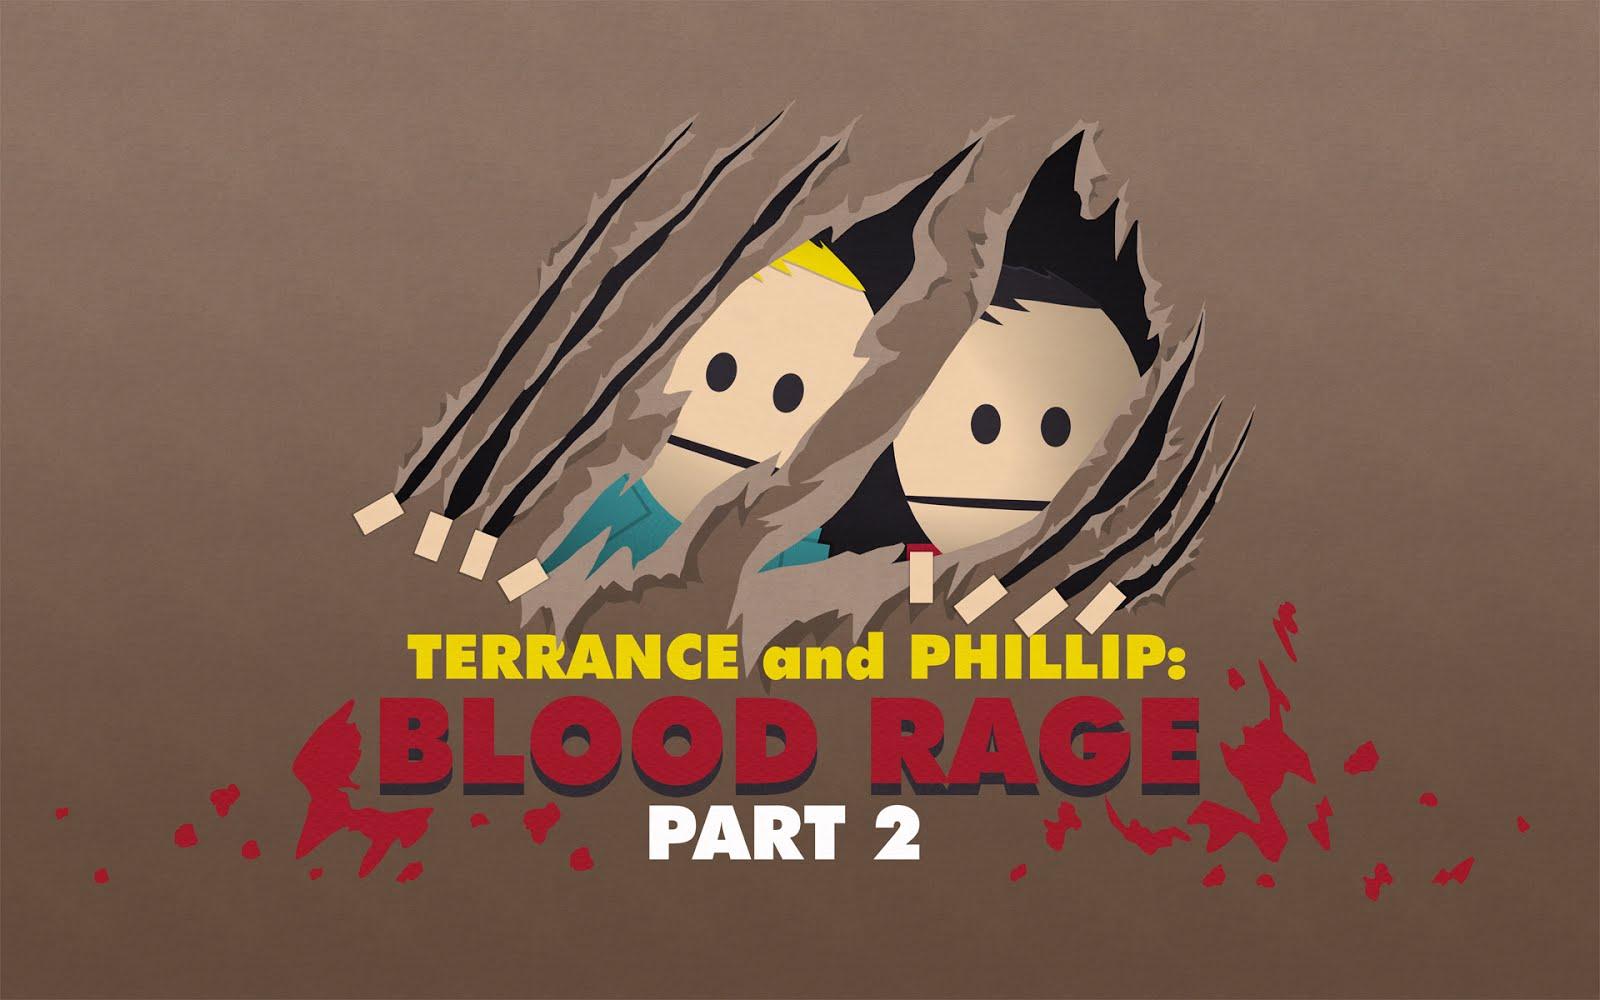 http://4.bp.blogspot.com/-0zIe8EII_jg/UJAwRoPHnyI/AAAAAAAAG6A/jdE-KqHJ1uA/s1600/south_park_terrance_and_phillip_blood_rage.jpg